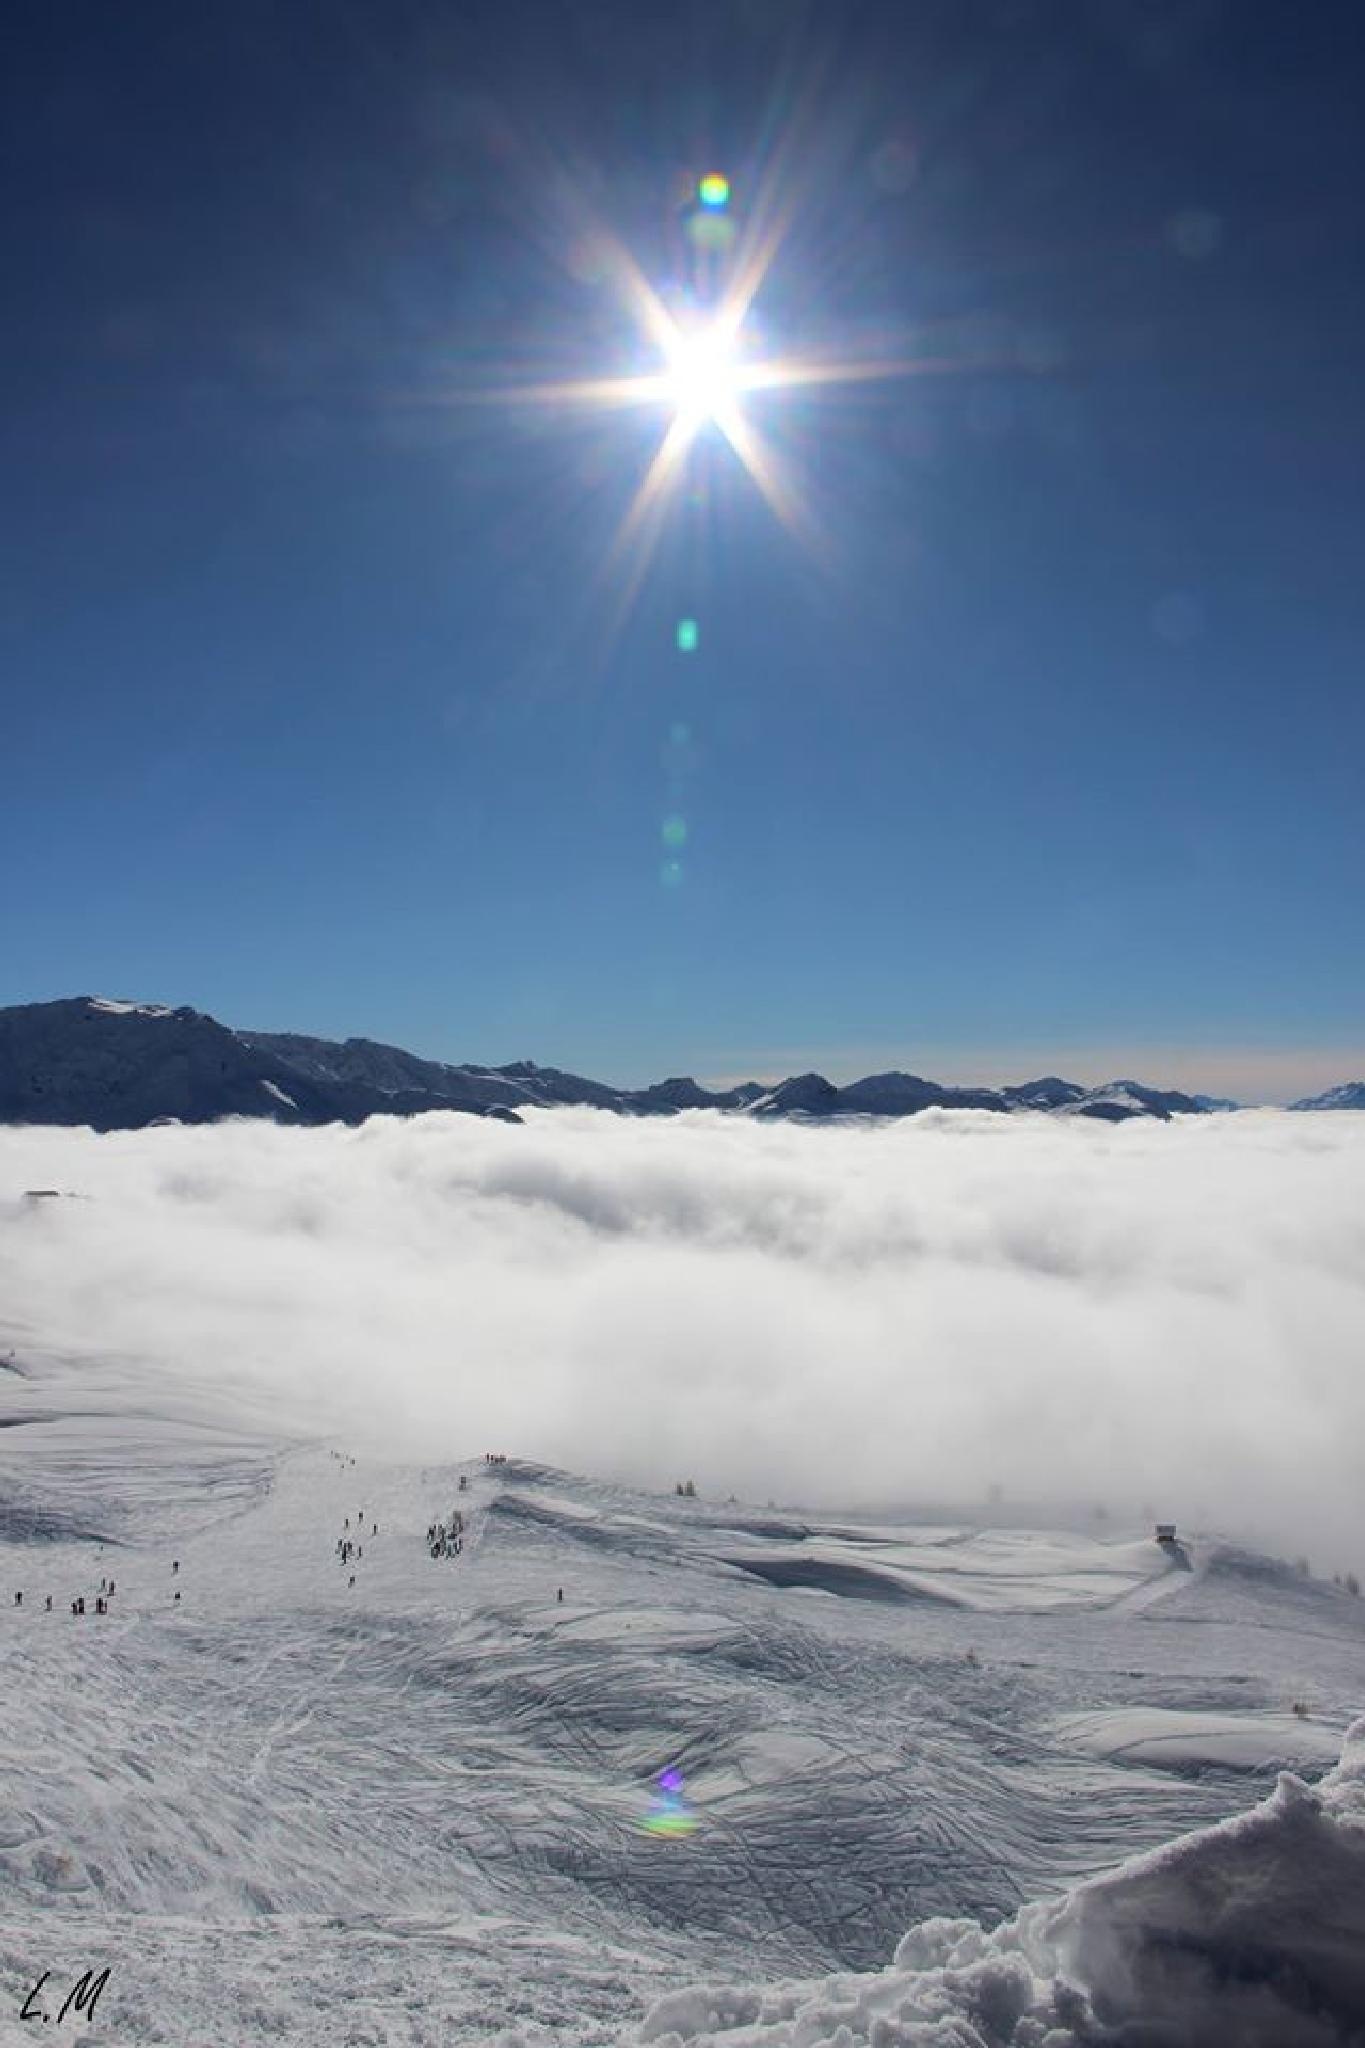 Les nuages contribuent à la beauté du paysage by Maxime Lemeunier